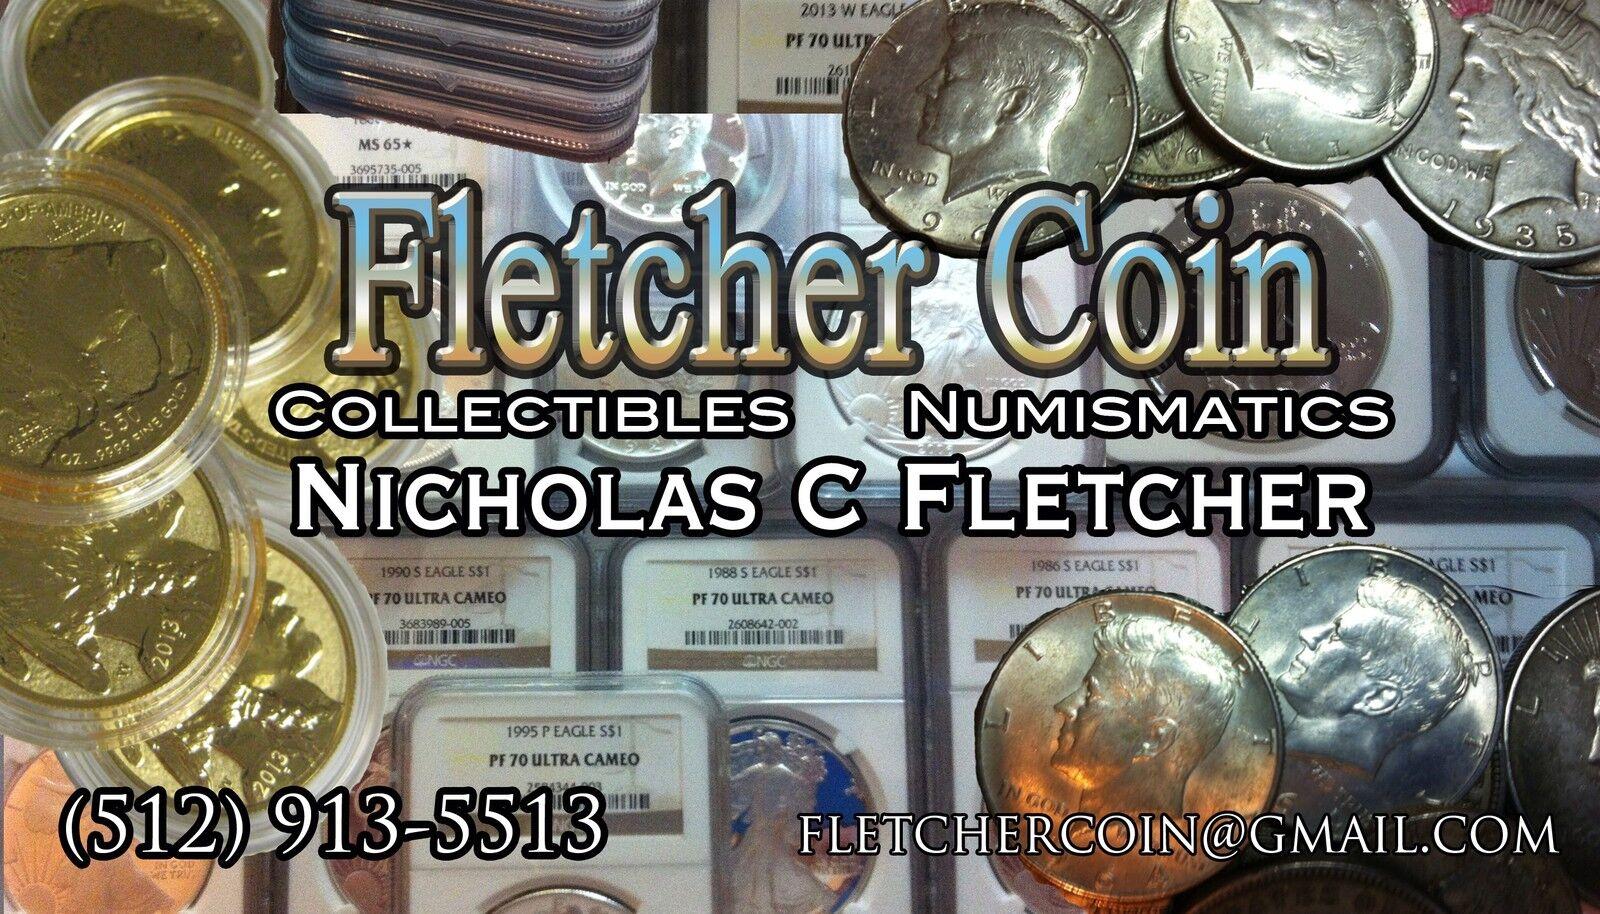 FletcherCoin&Collectibles